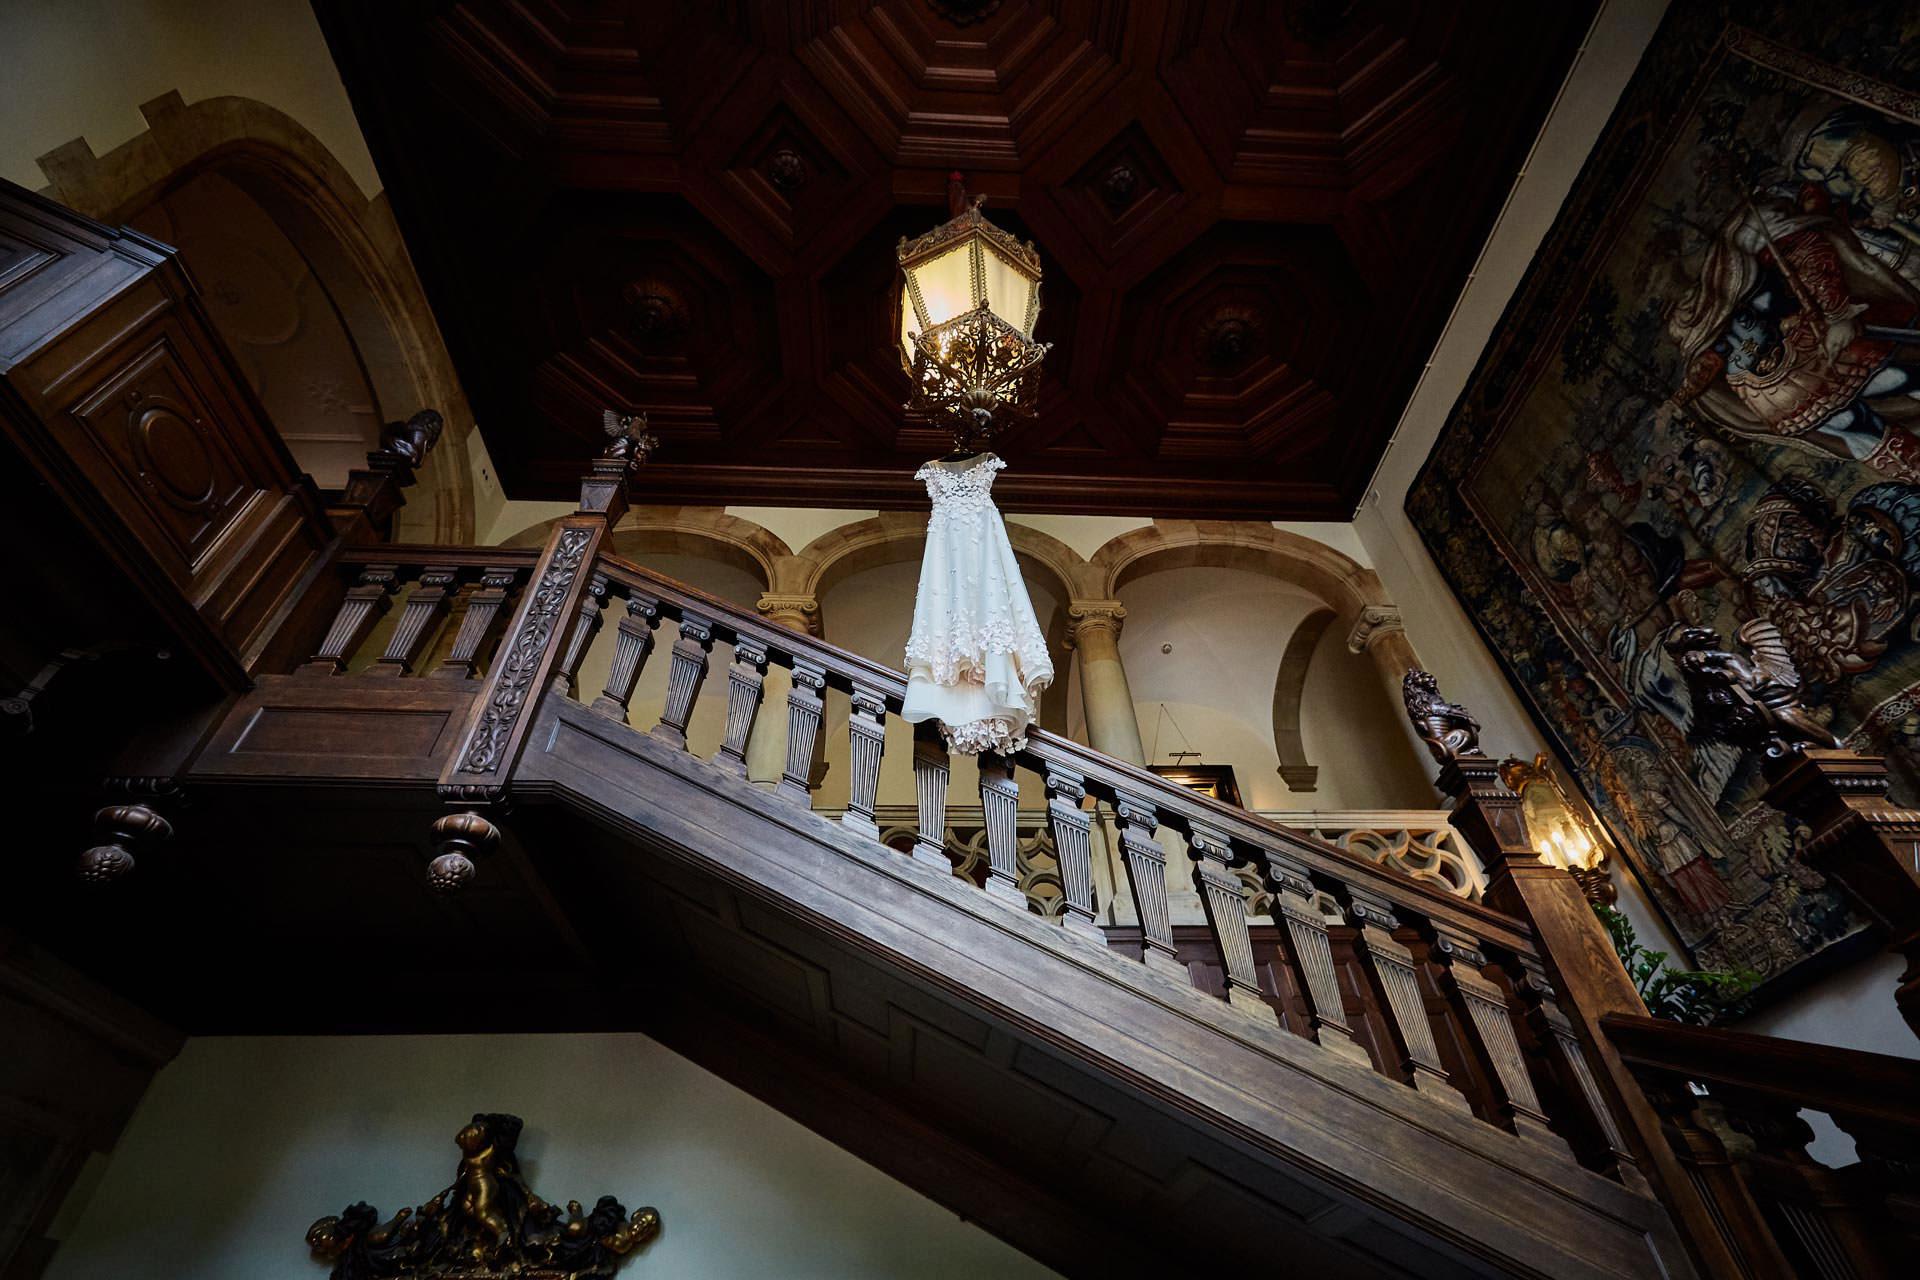 NS_004__Schlosshotel_Kronberg_#SchlosshotelKronberg_